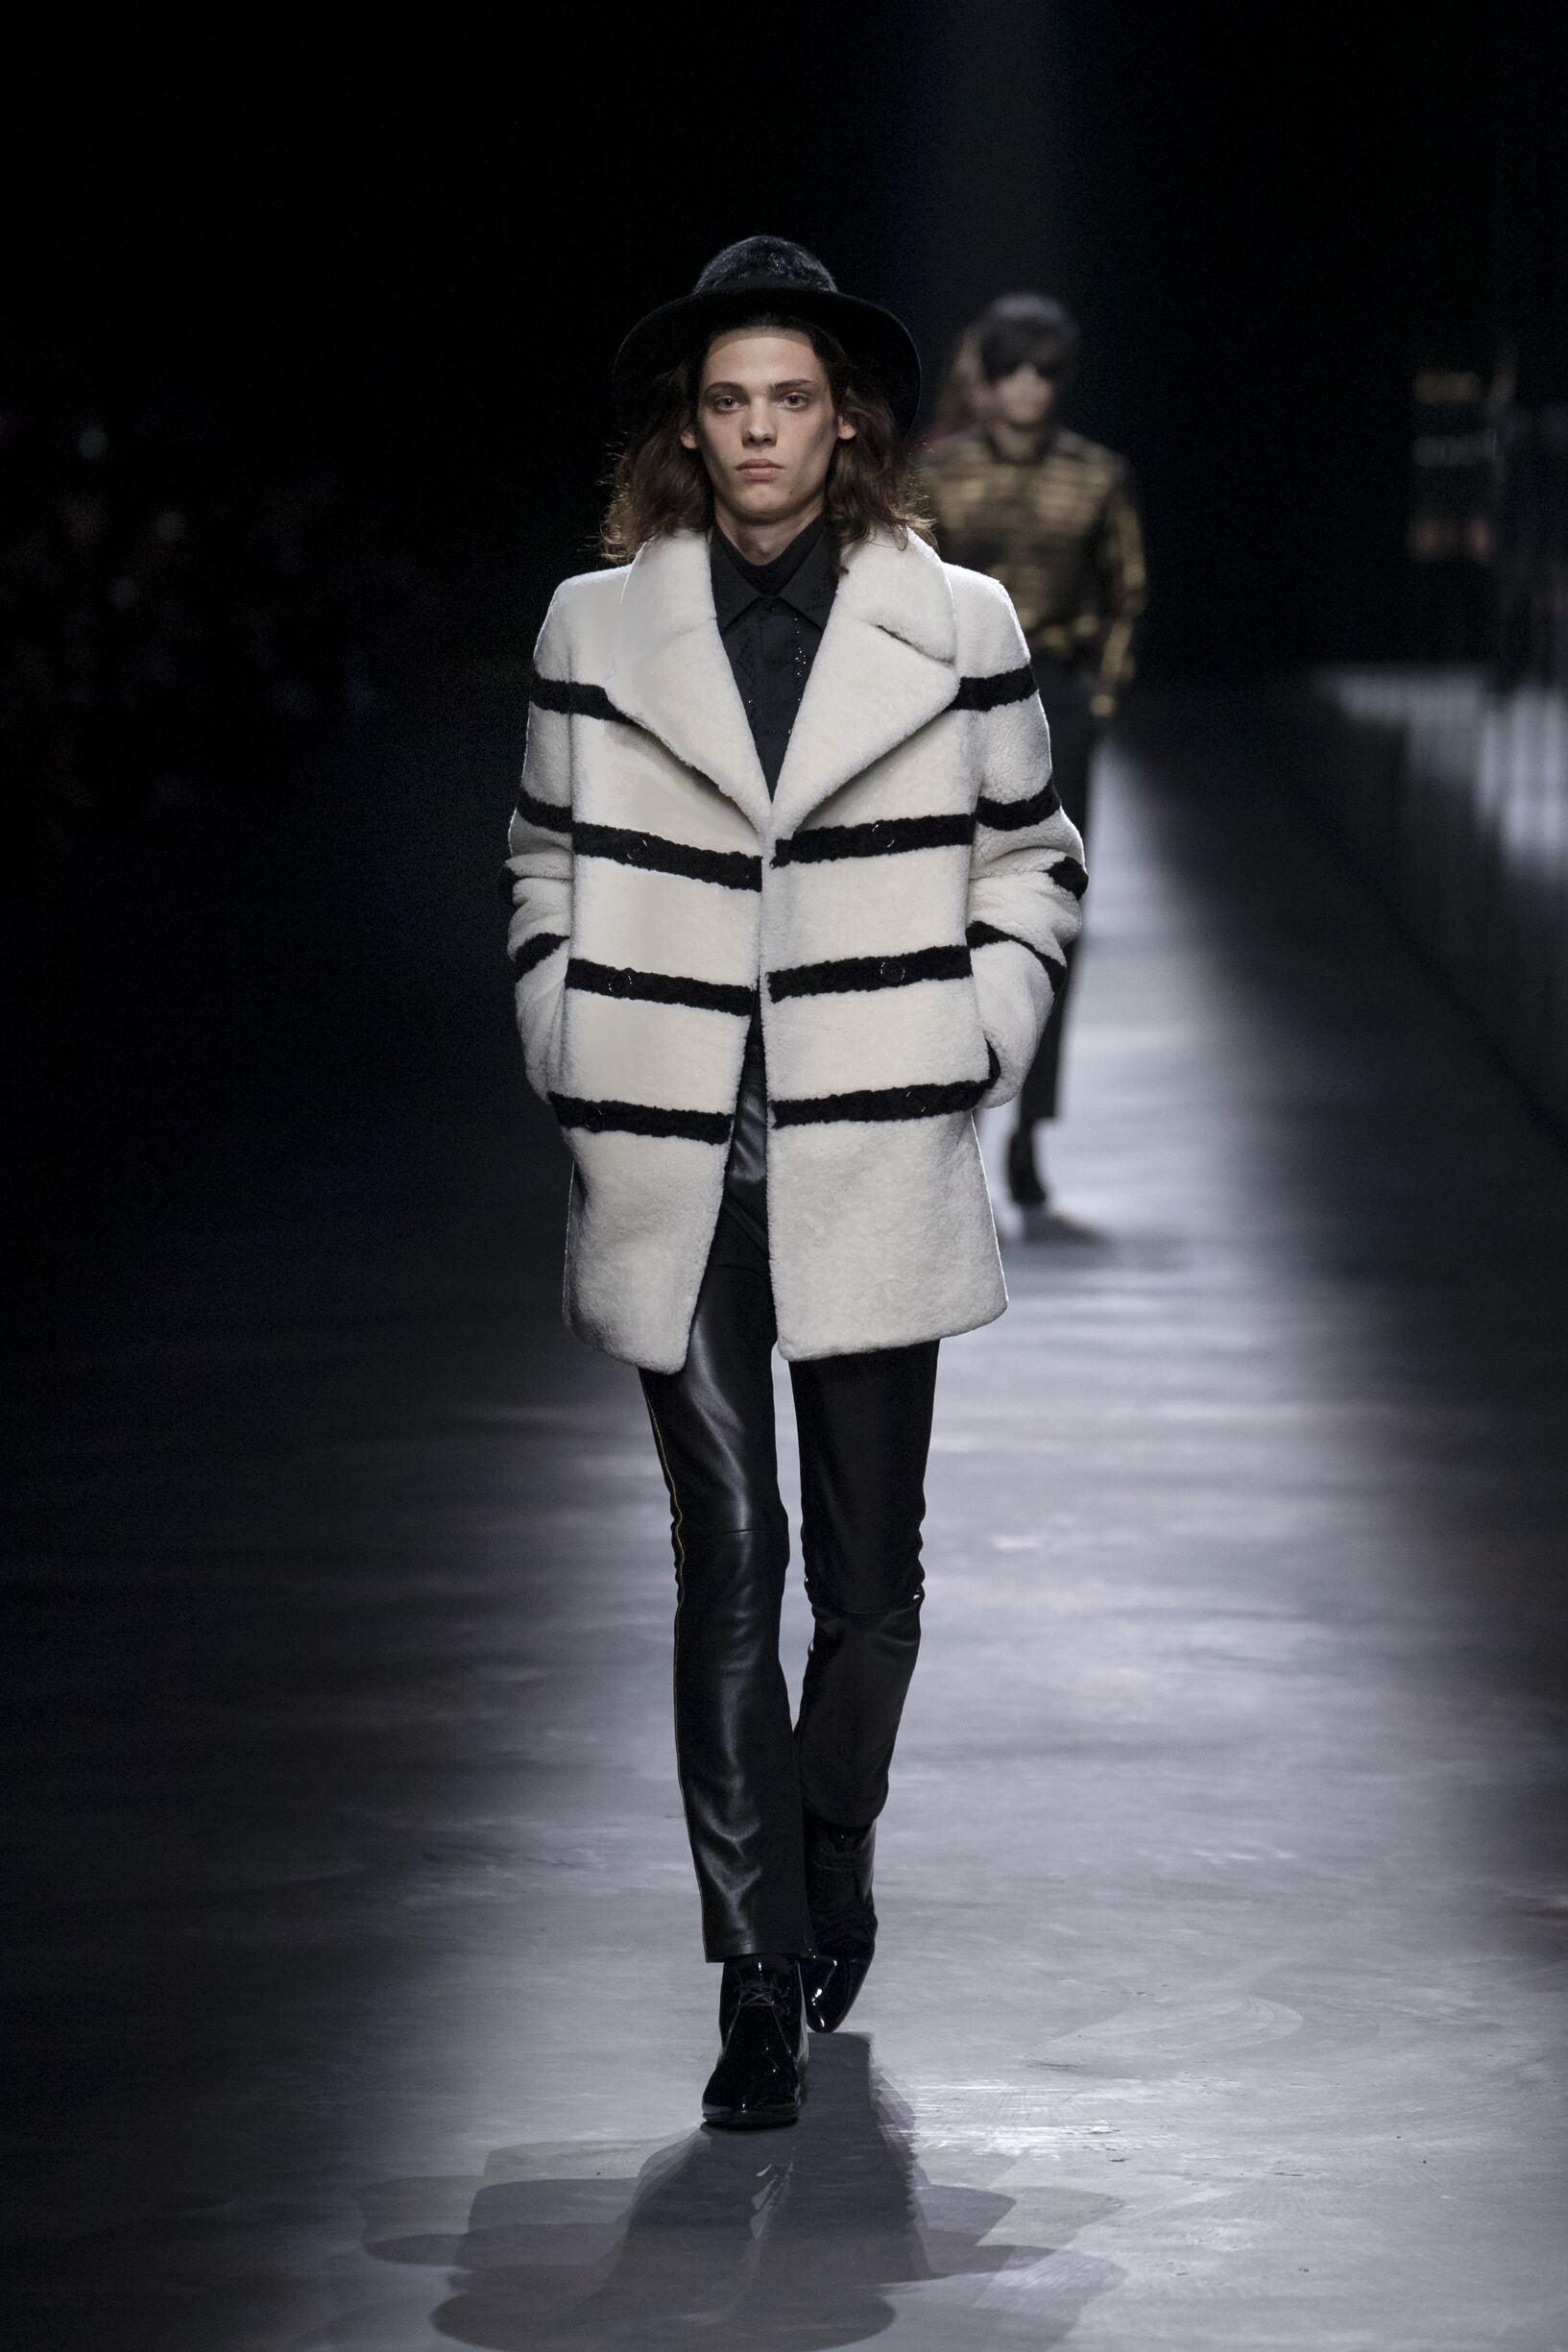 Fashion 2019 Mens Style Saint Laurent